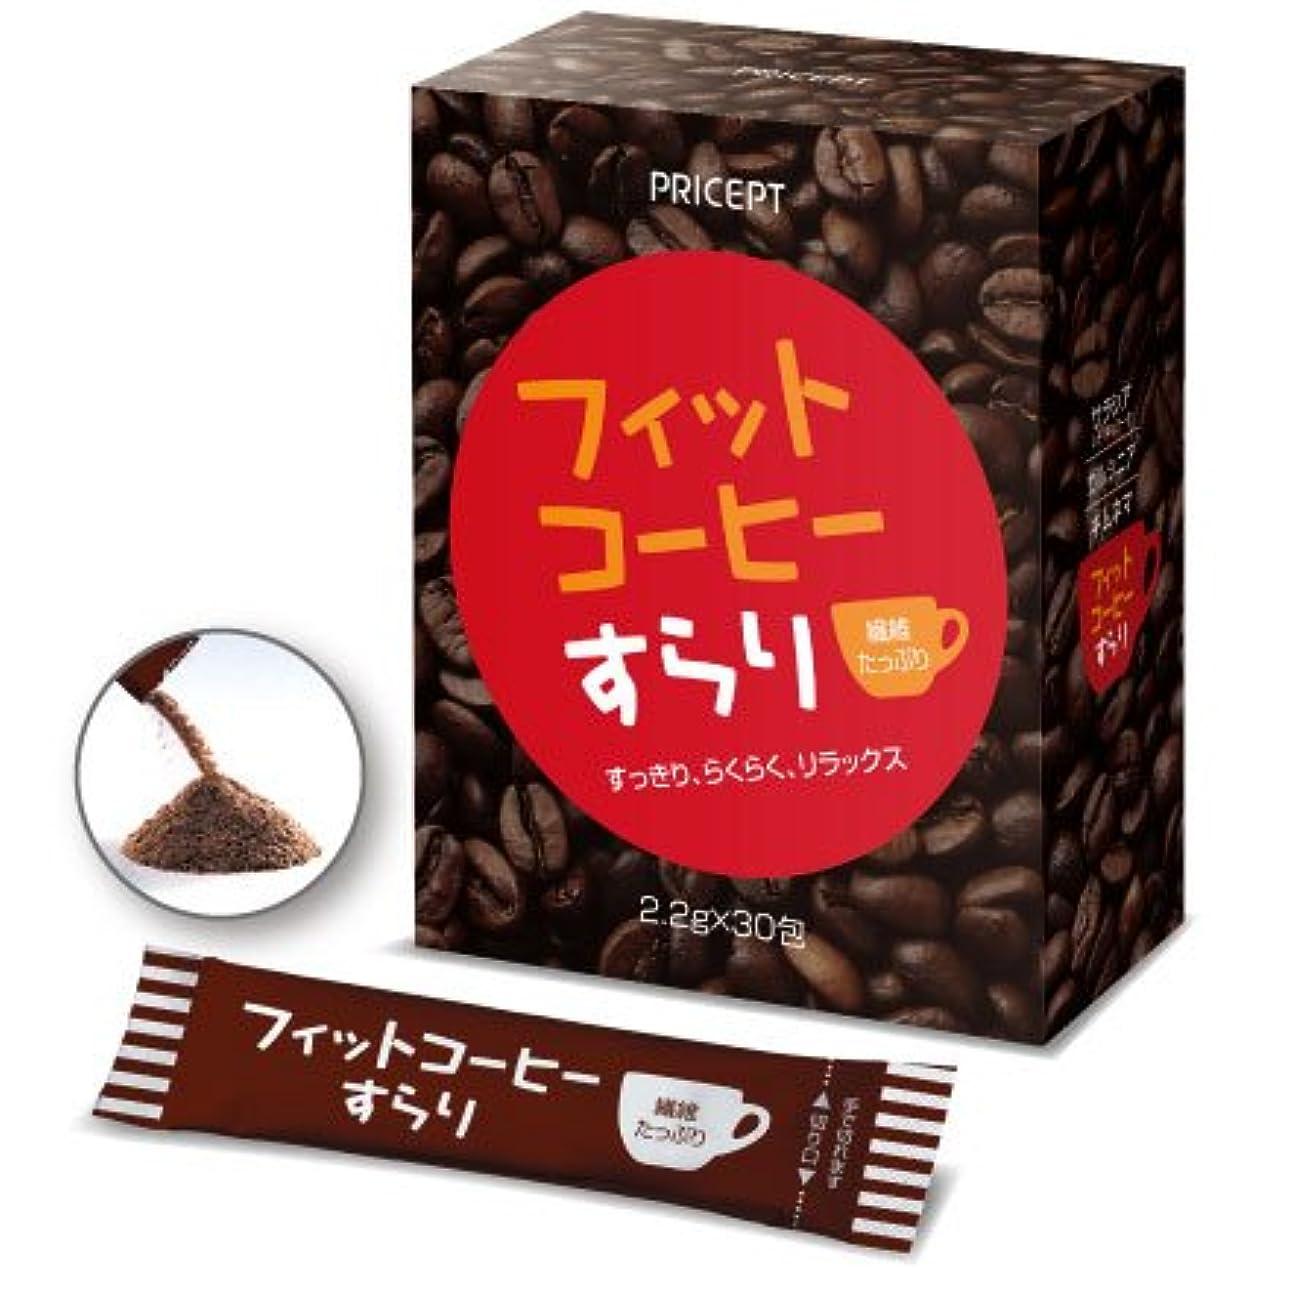 血認識クリアプリセプト フィットコーヒーすらり 30包【単品】(ダイエットサポートコーヒー)